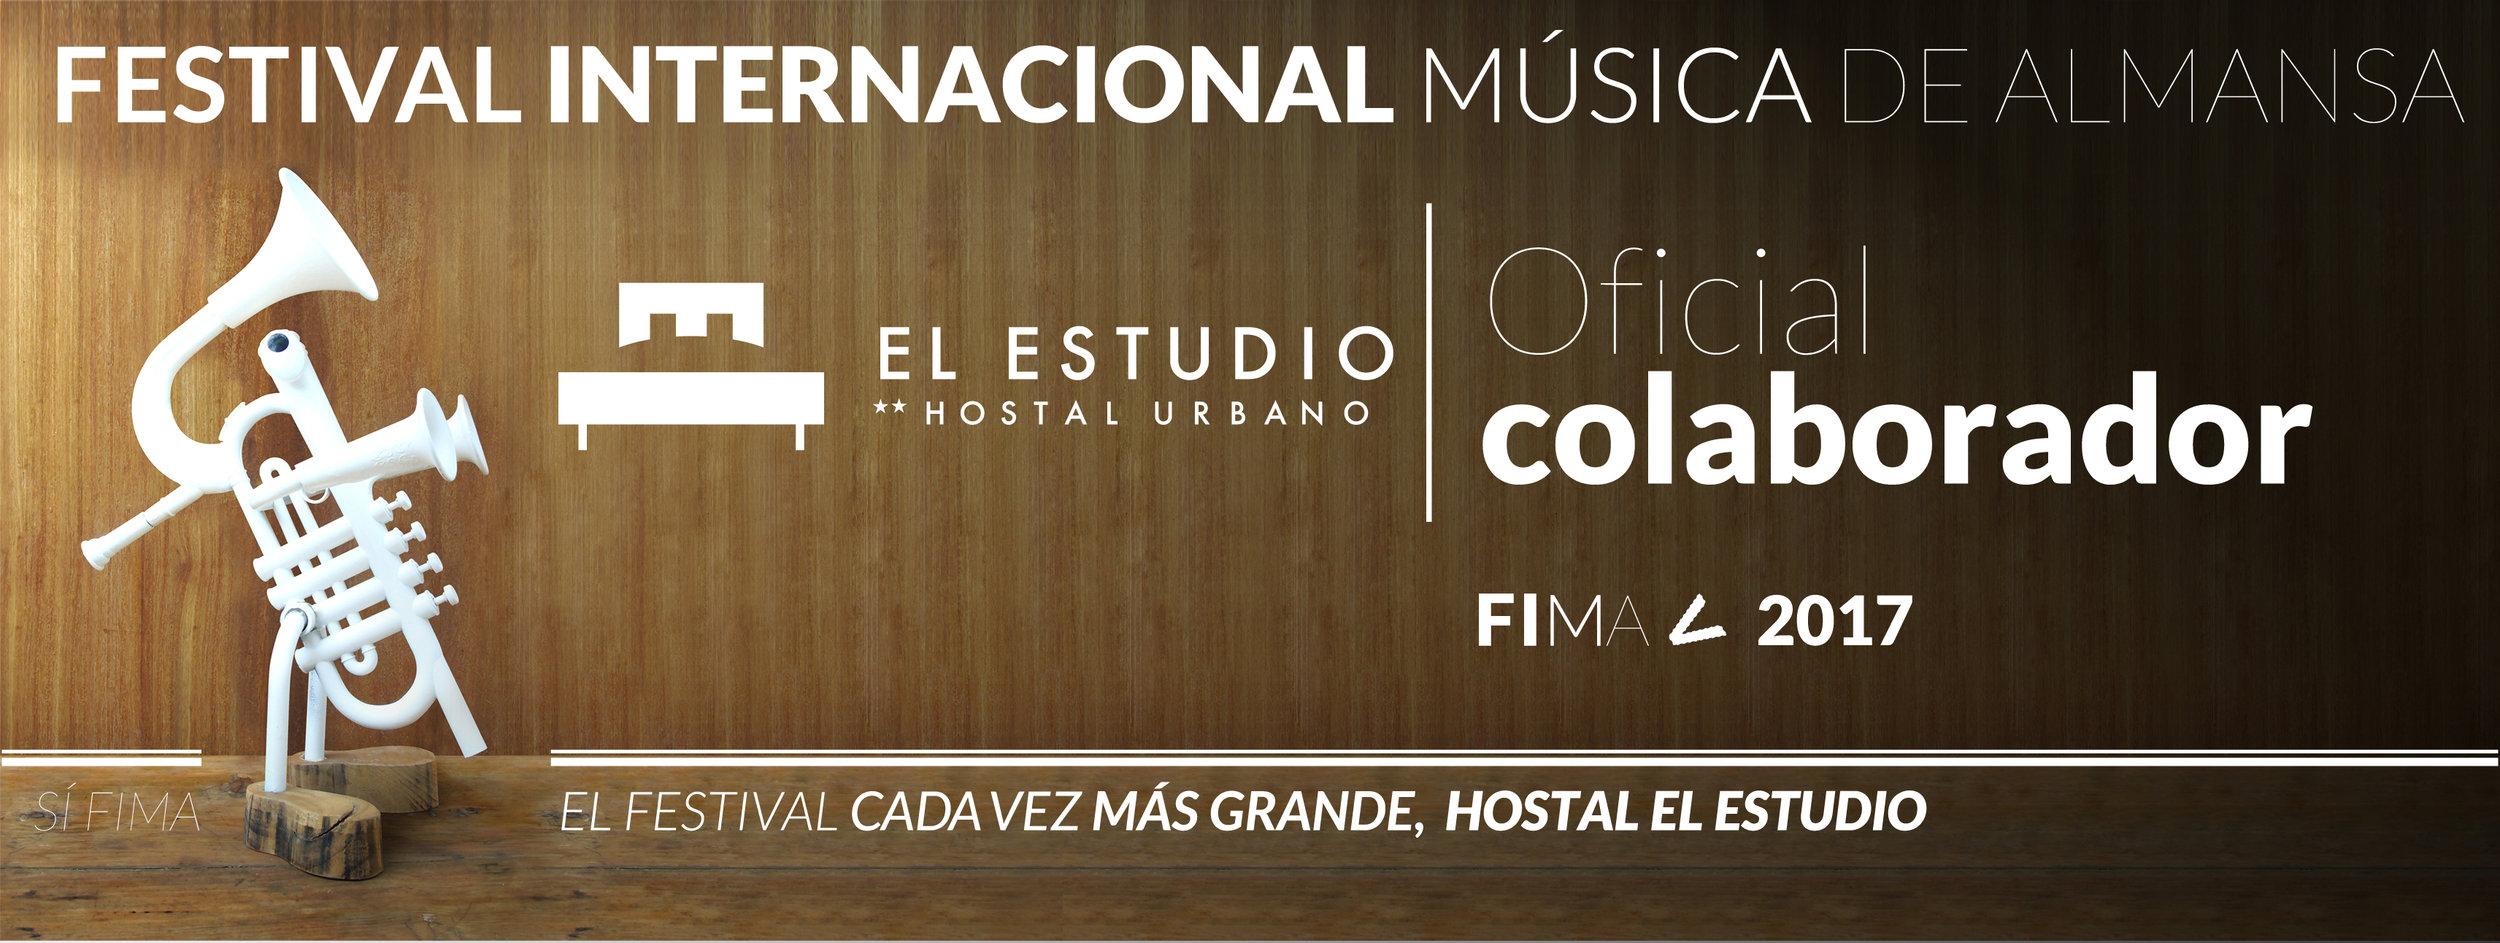 fima_09_col_hostal_el_estudio.jpg